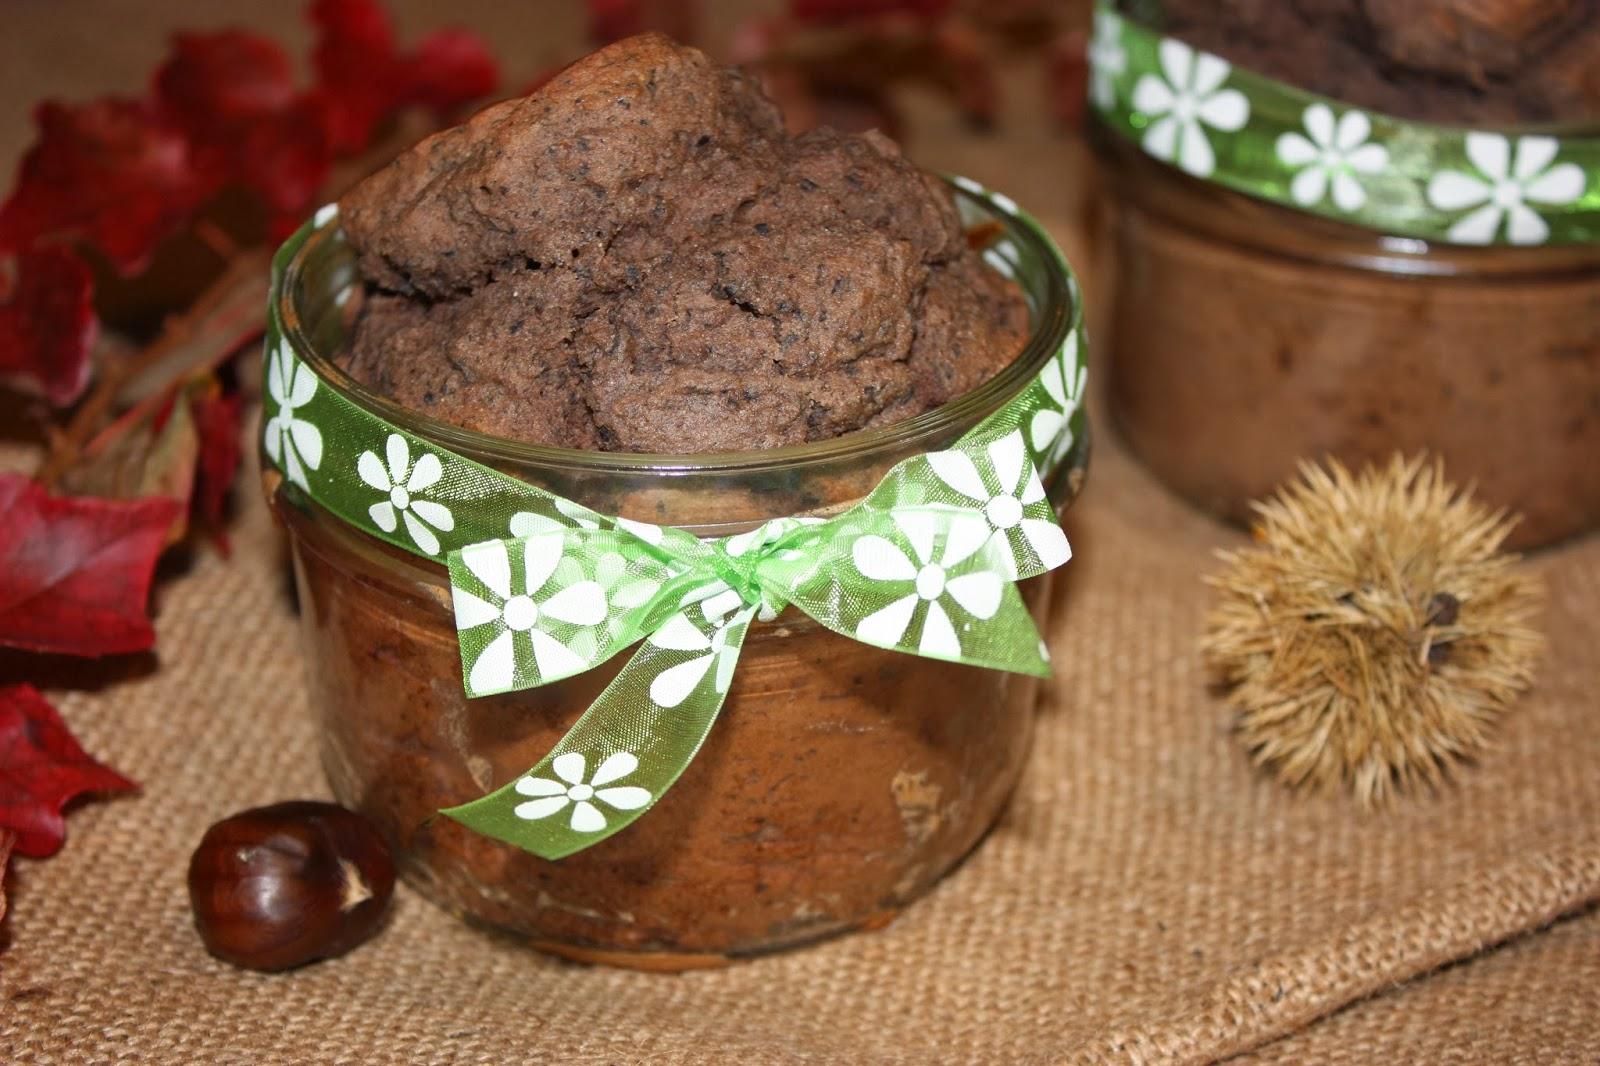 http://cocottechlorophylle.blogspot.fr/2013/12/gateau-de-haricots-noirs-parfume-la.html